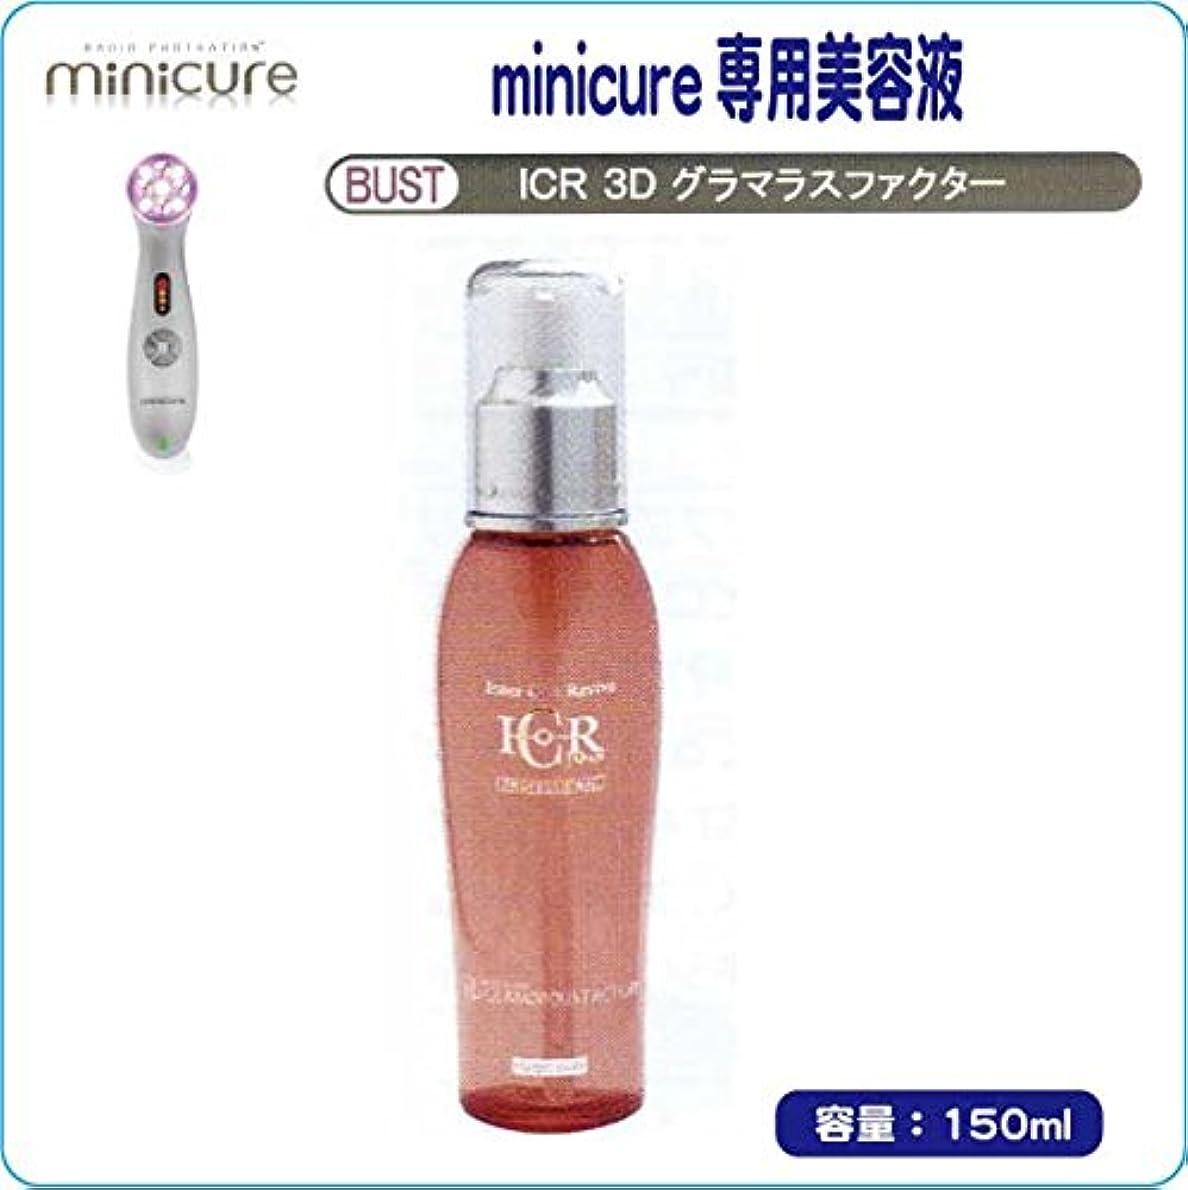 令状リダクター苦い【minicure専用美容液シリーズ】  【BUST】ICR 3D グラマラスファクター  150ml